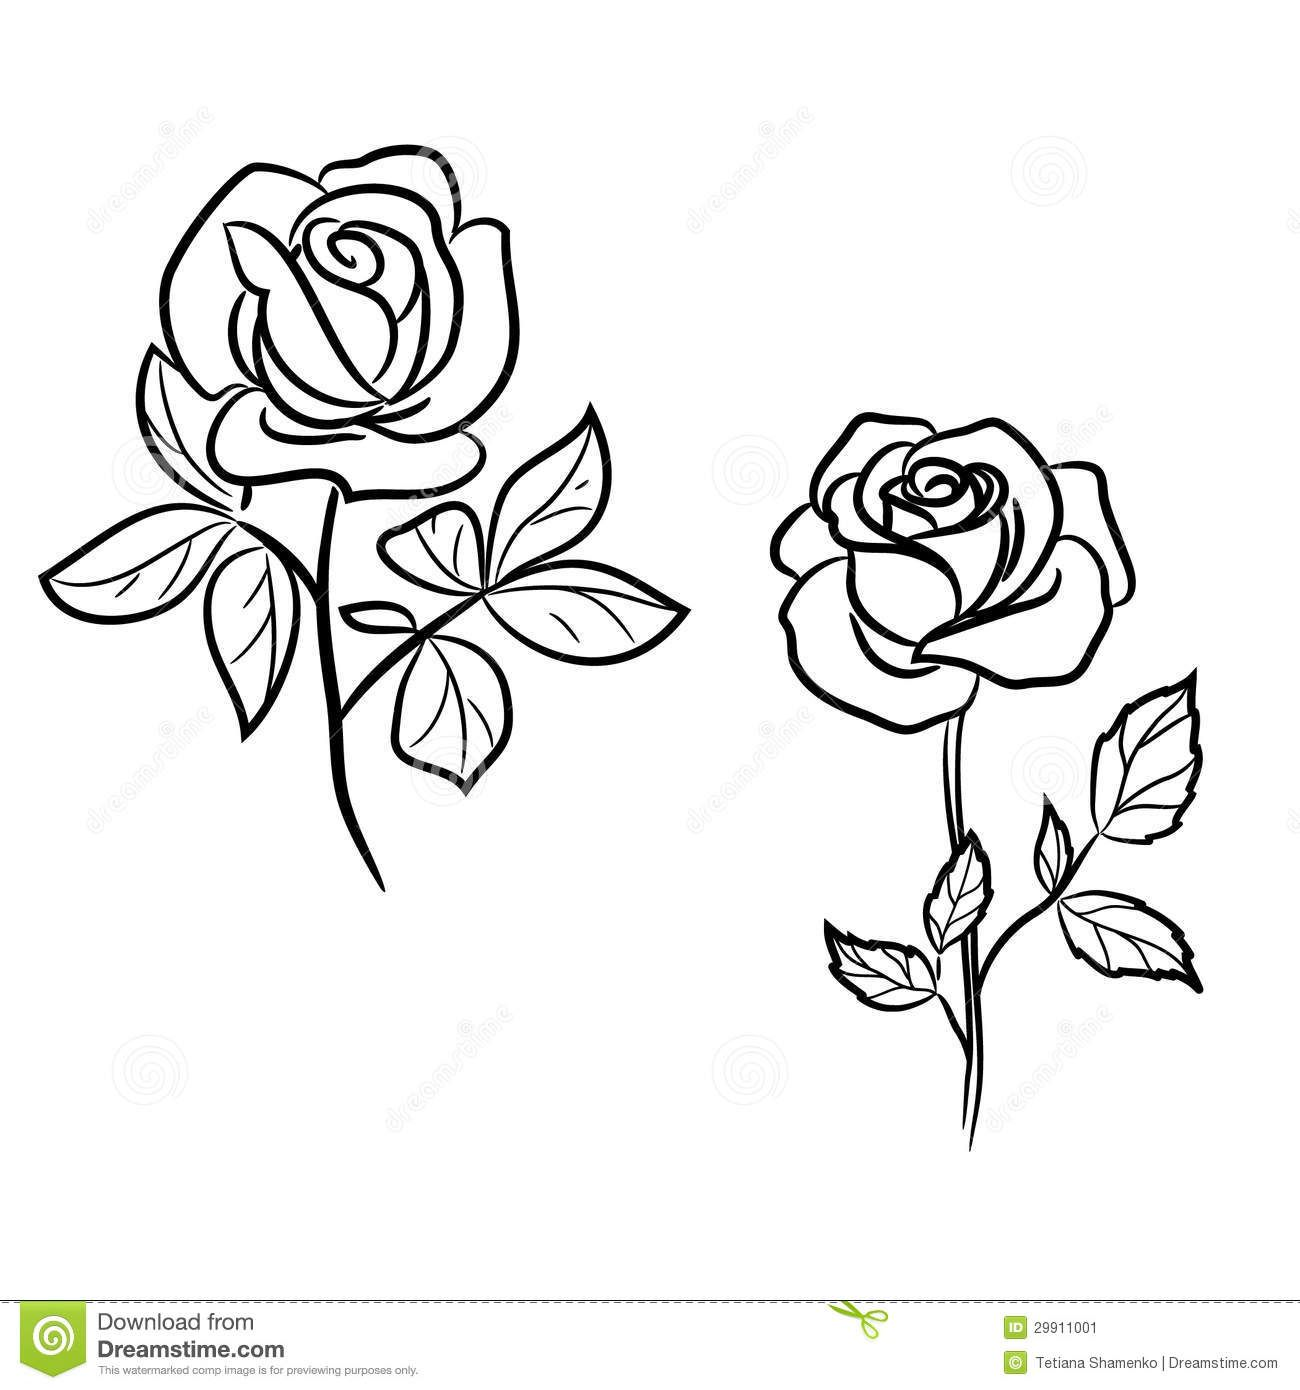 two-dark-roses-white-29911001.jpg (1300×1390)   Rose outline